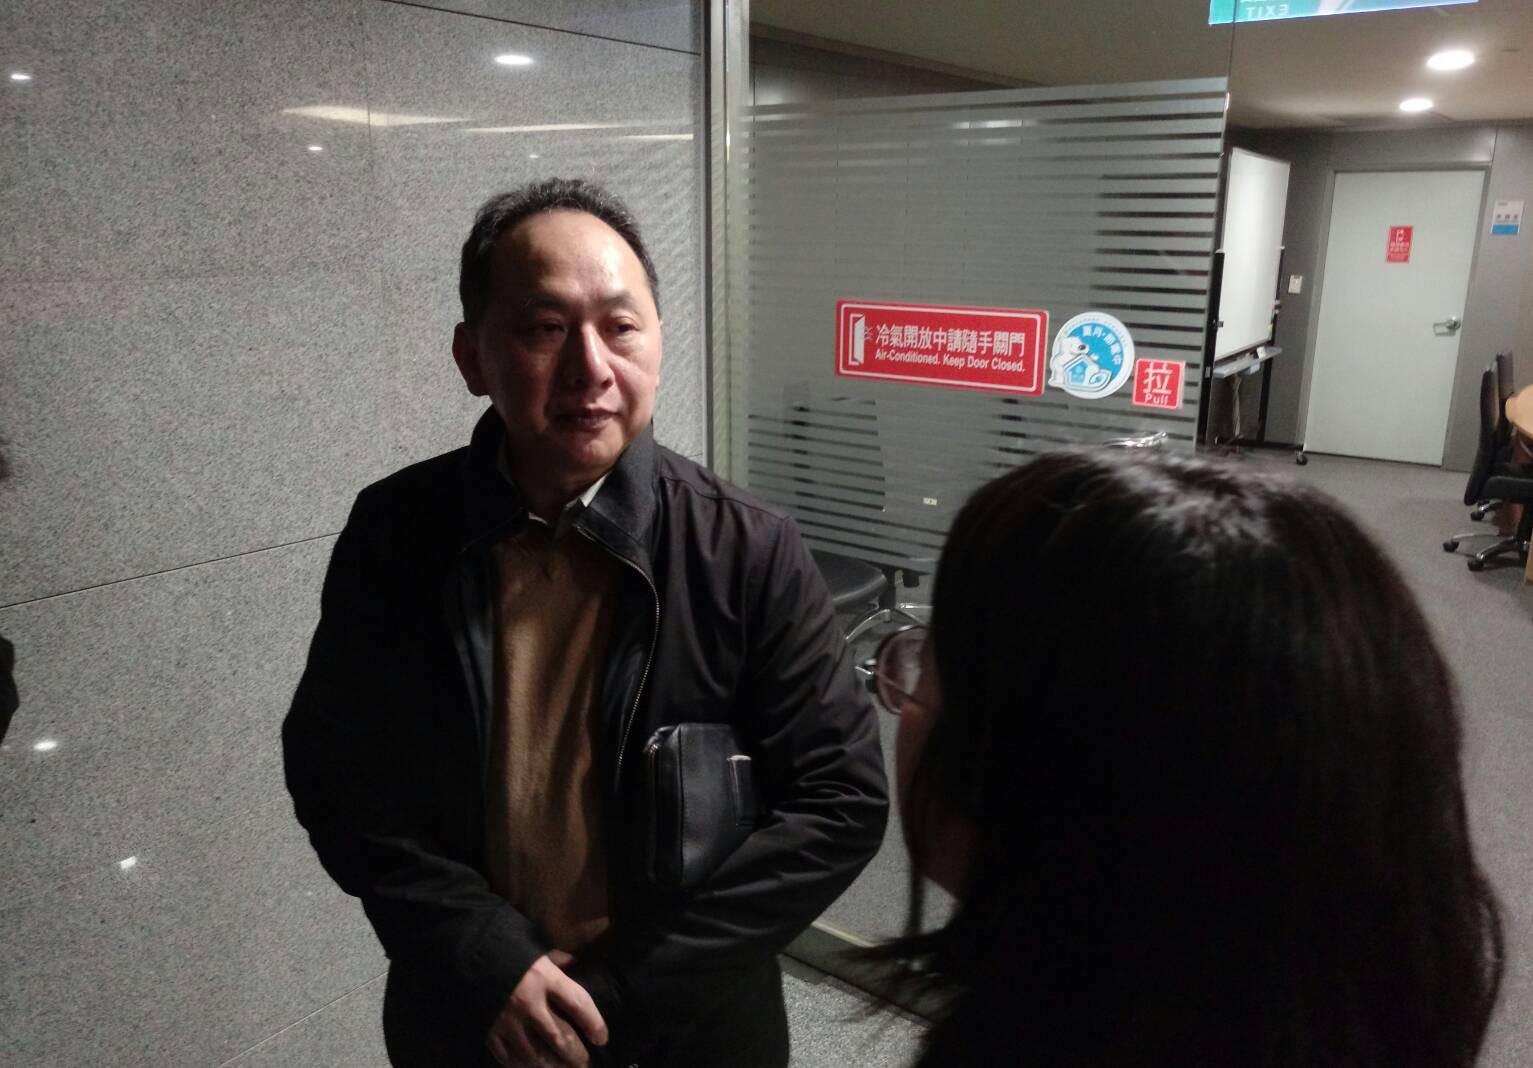 晚間9點美麗華球場董事長黃世杰出席調解會議。(新北市勞動局提供)